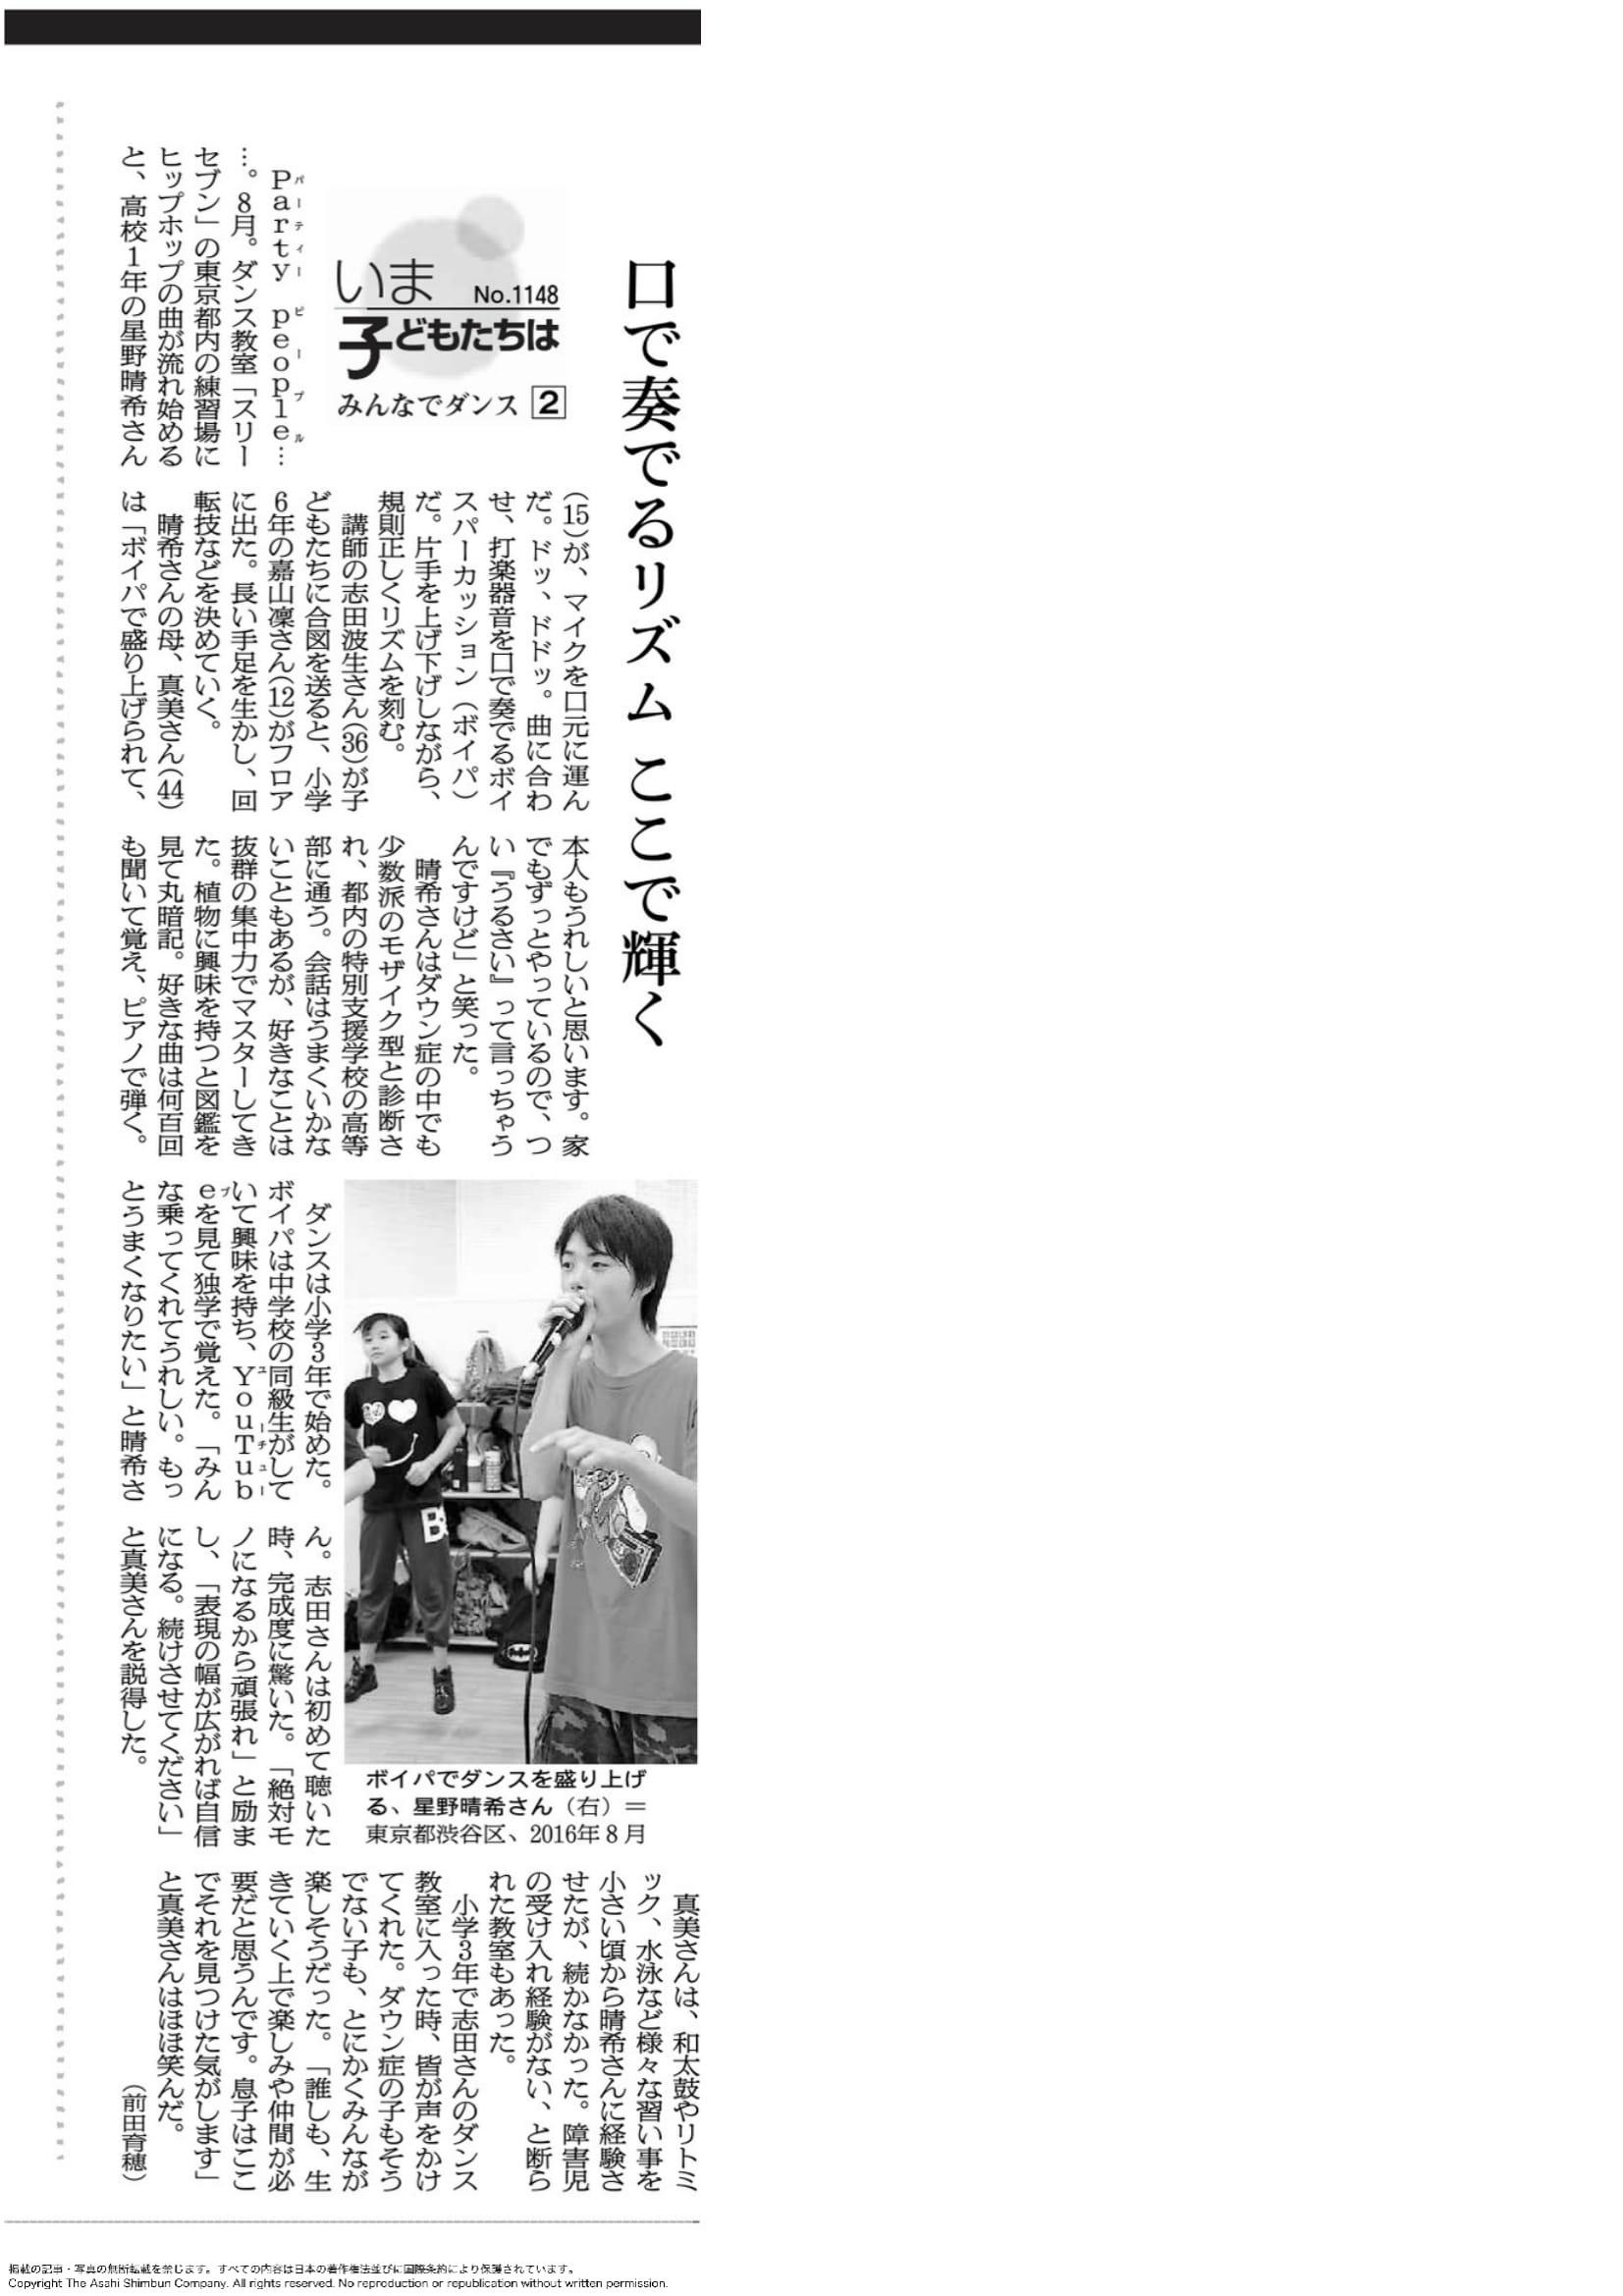 朝日新聞9月2日